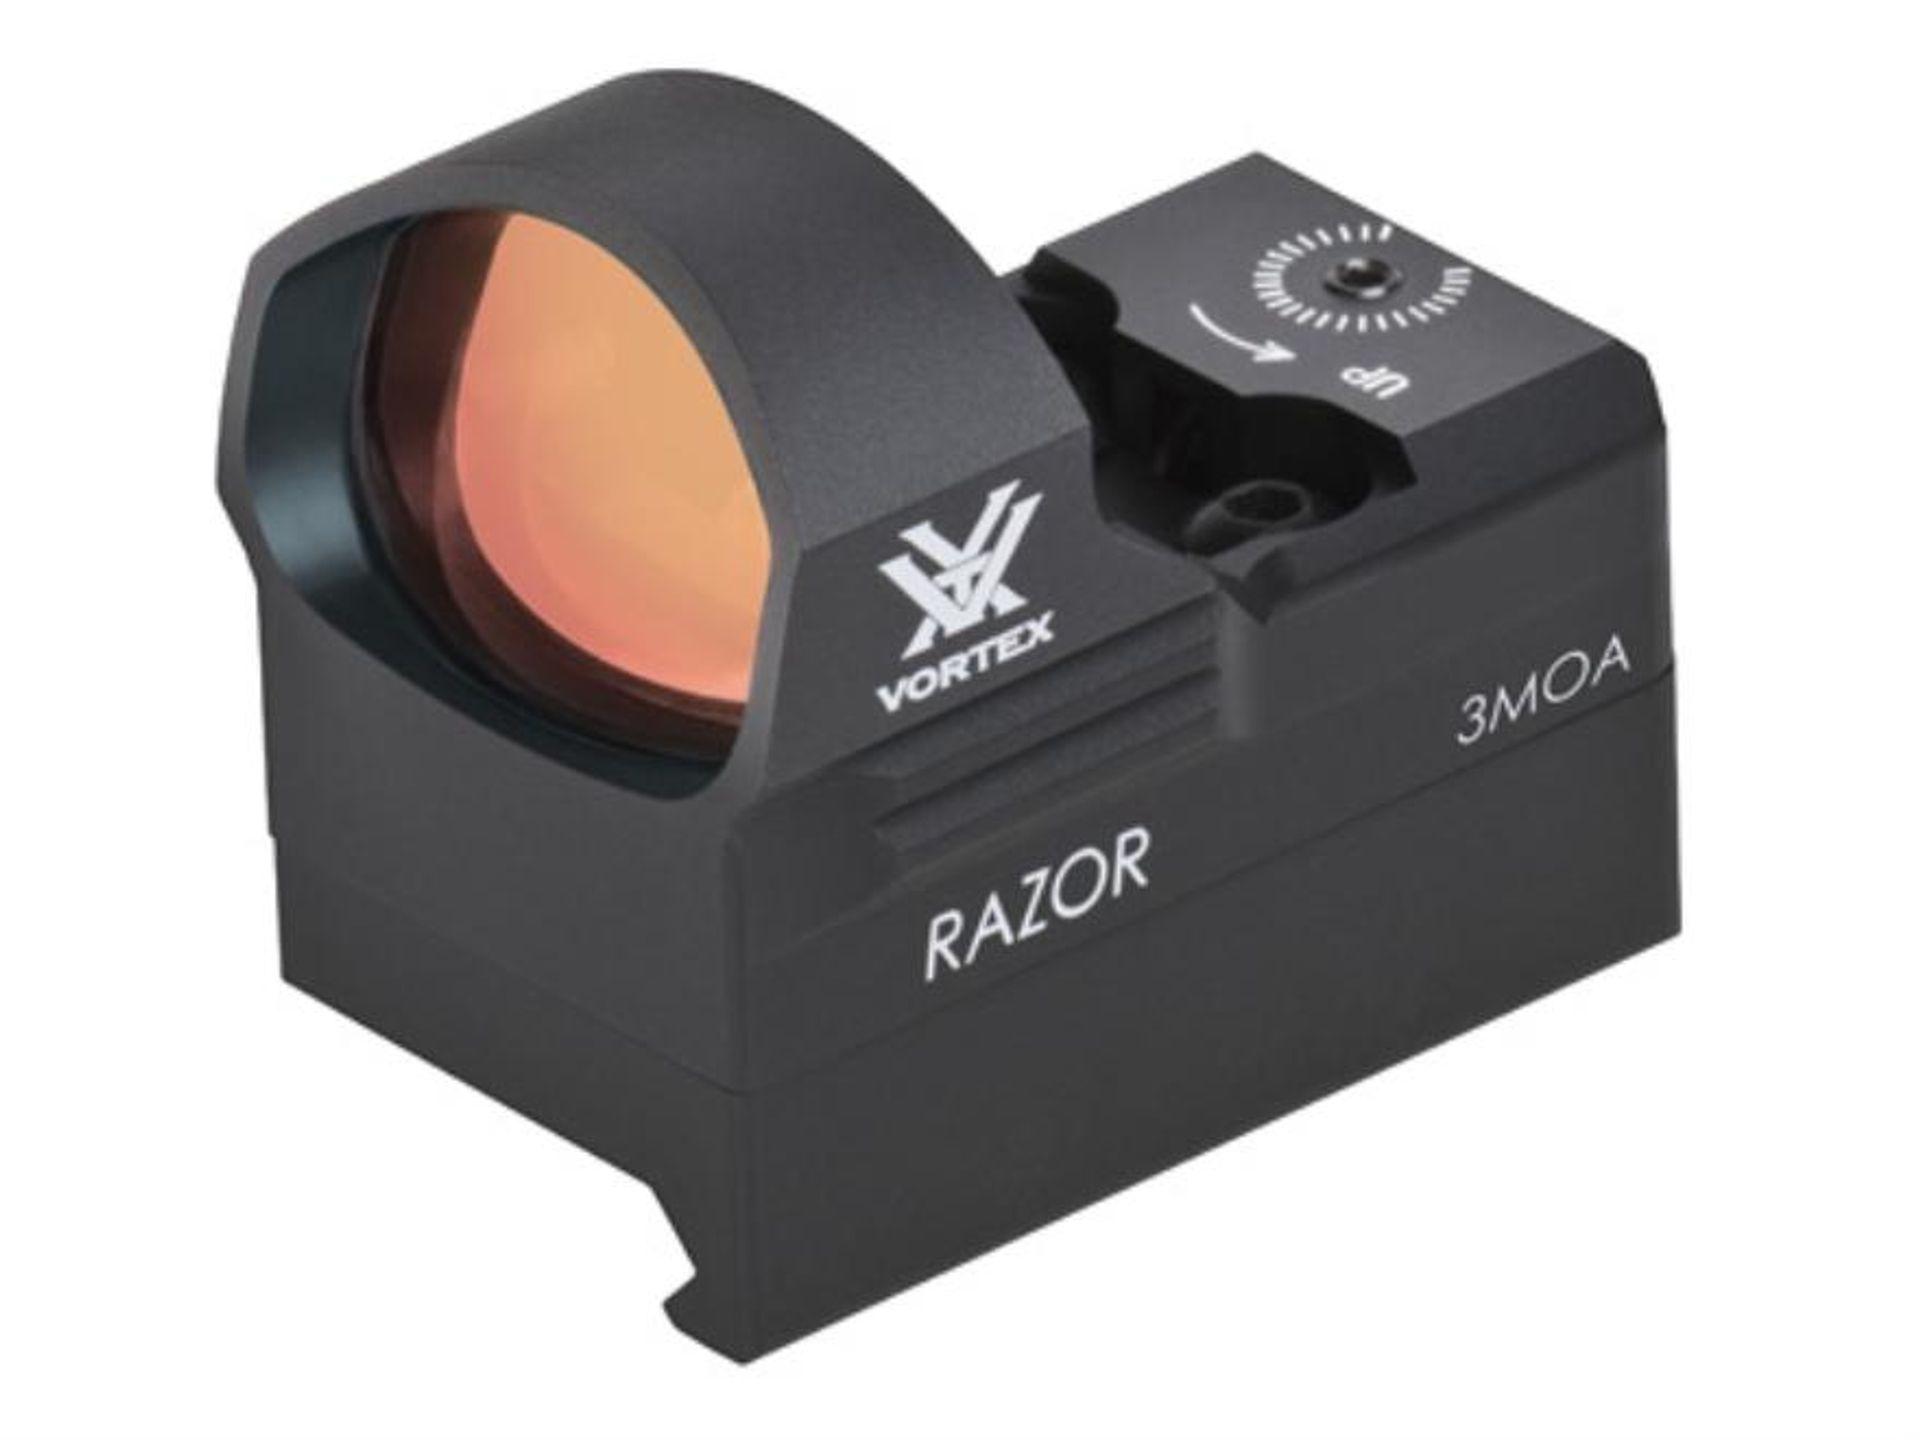 RZR-2001